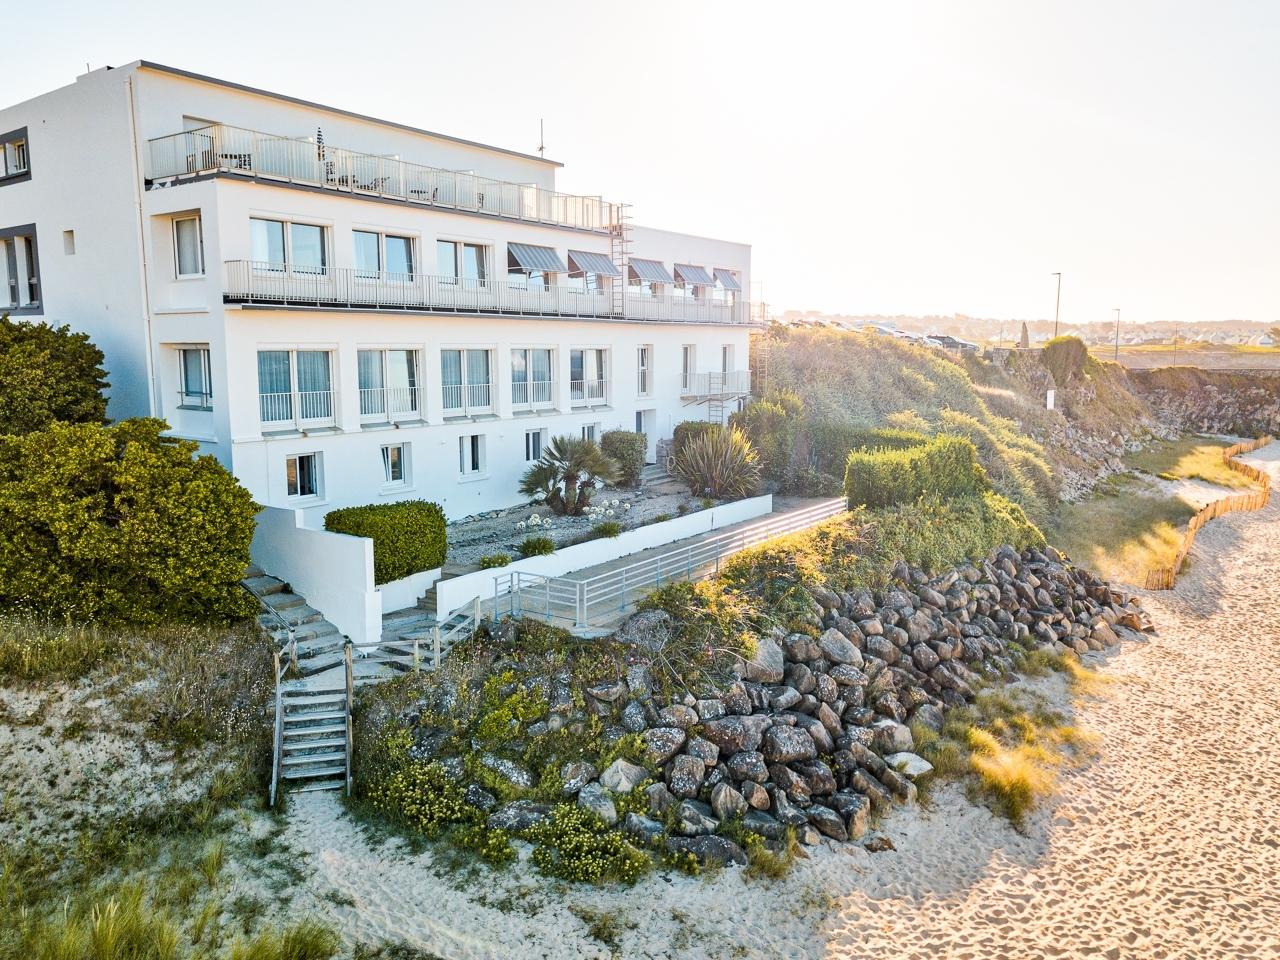 Hotel au roi Gradlon Audierne photographe entreprise à Quimper et Brest